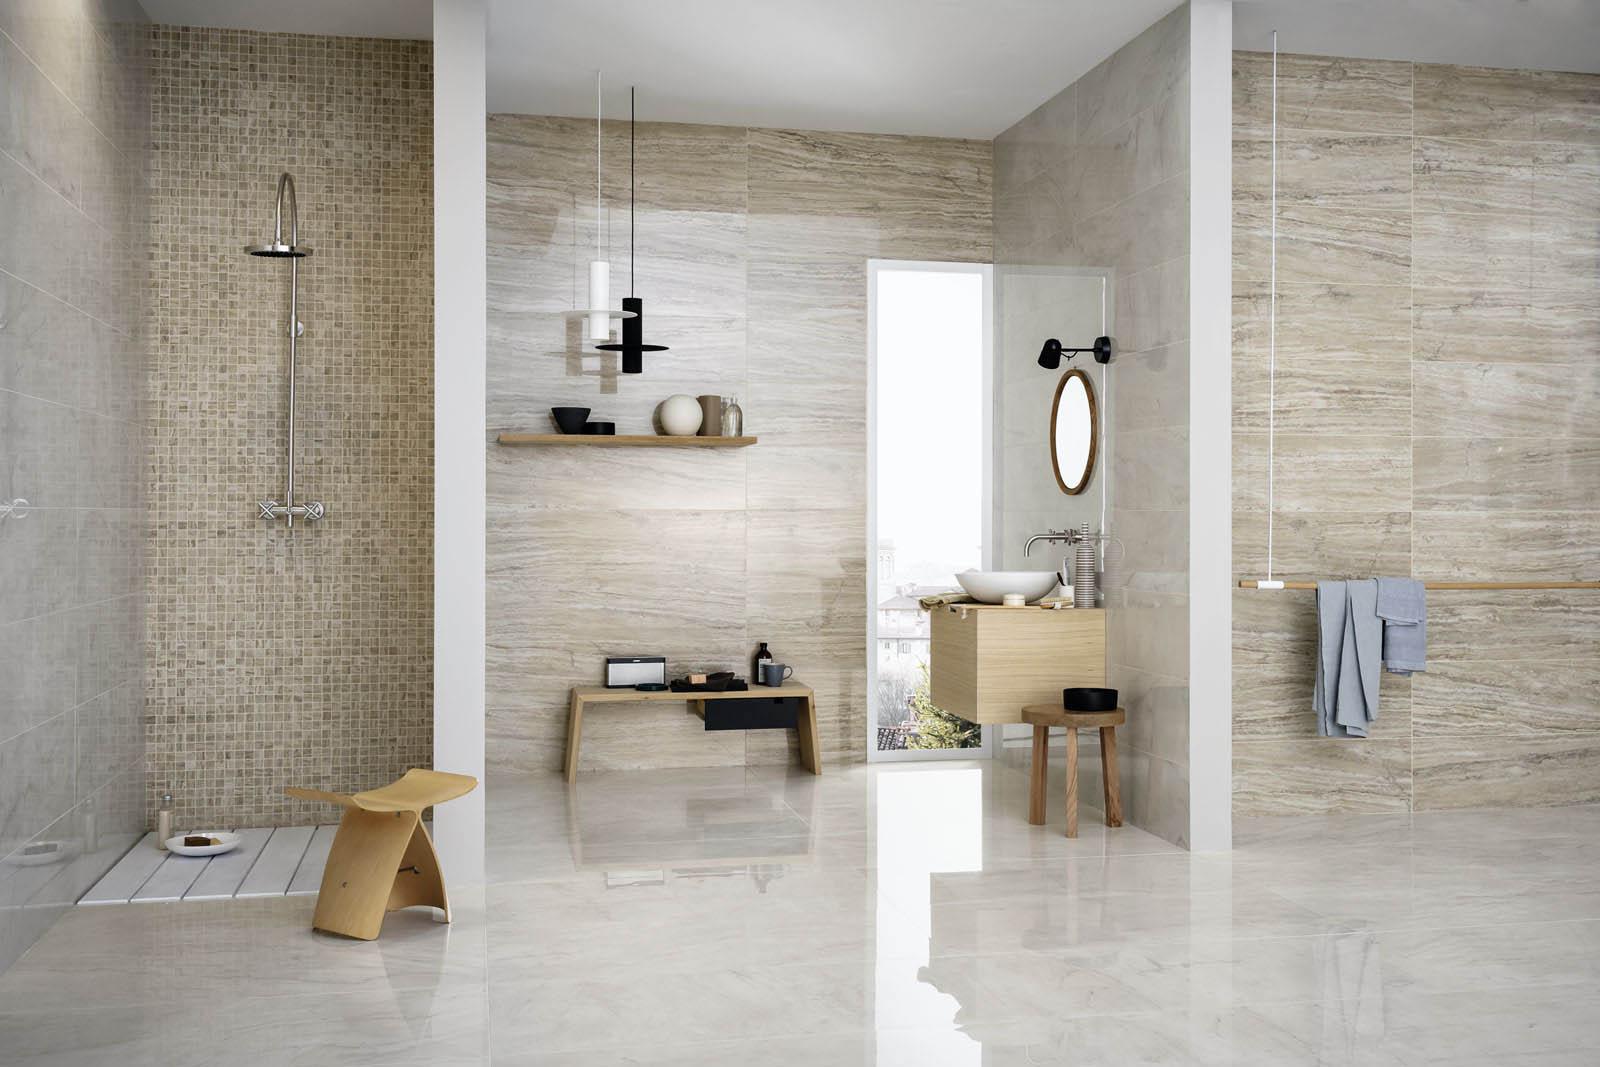 boden und wandfliesen marazzi. Black Bedroom Furniture Sets. Home Design Ideas